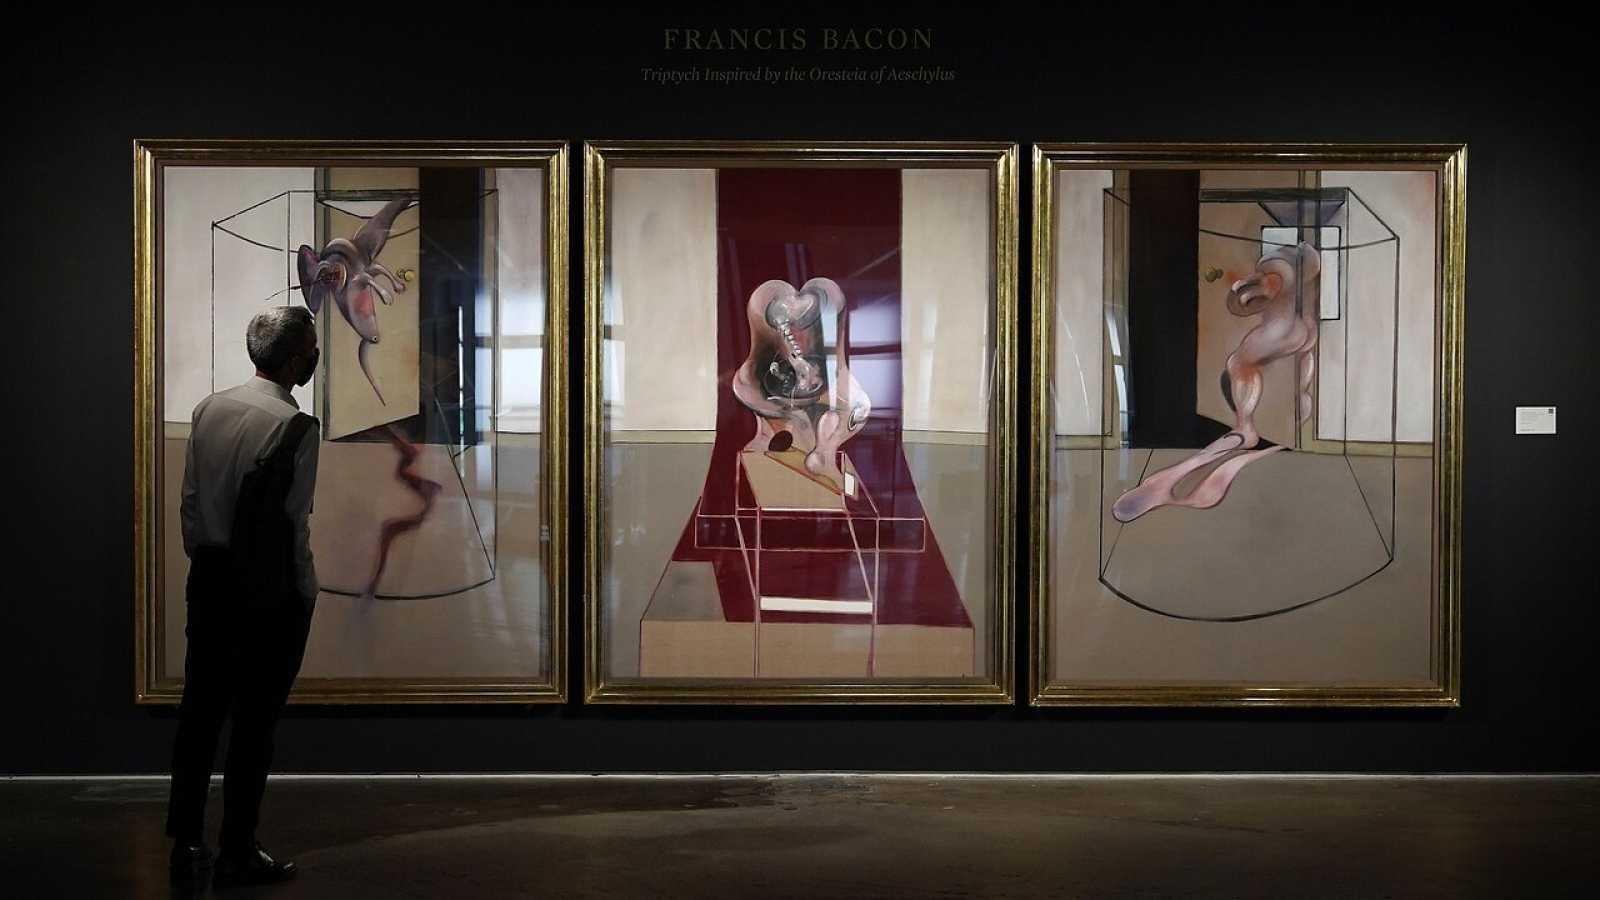 """Un hombre mira """"Tríptico inspirado en la Orestíada de Esquilo"""", de Francis Bacon"""